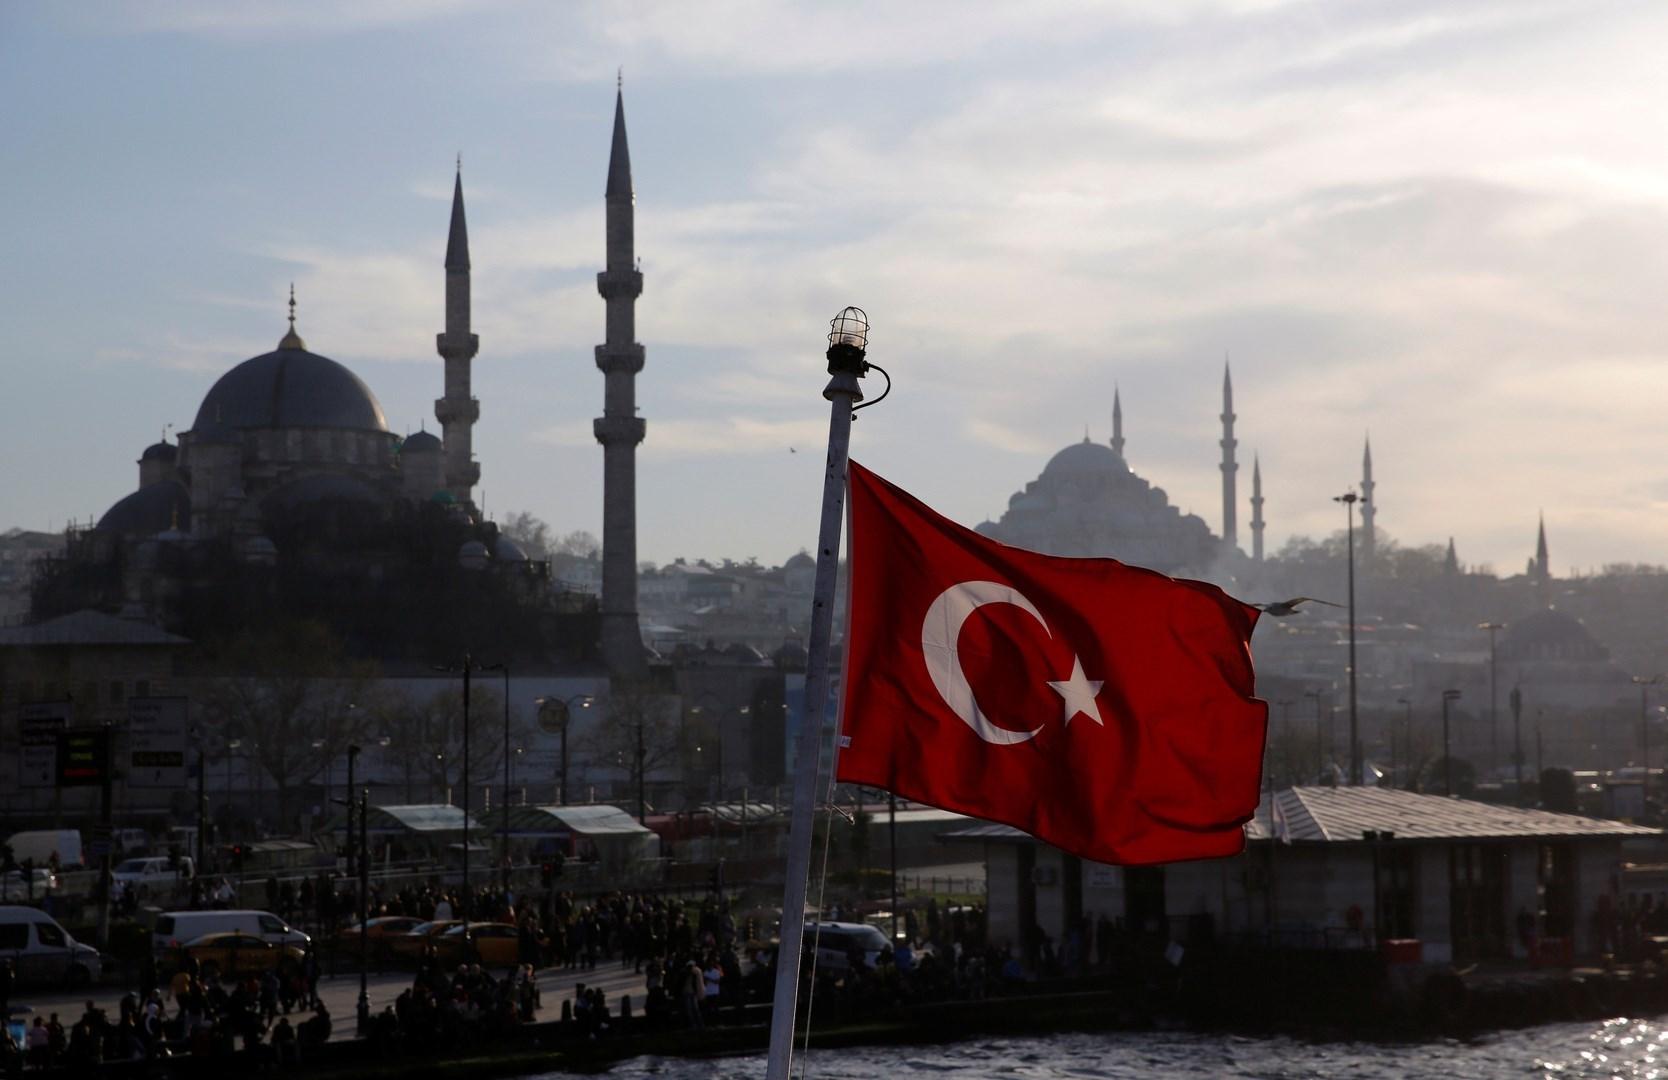 لماذا يحاصرون إيران ويصمتون حيال تركيا؟